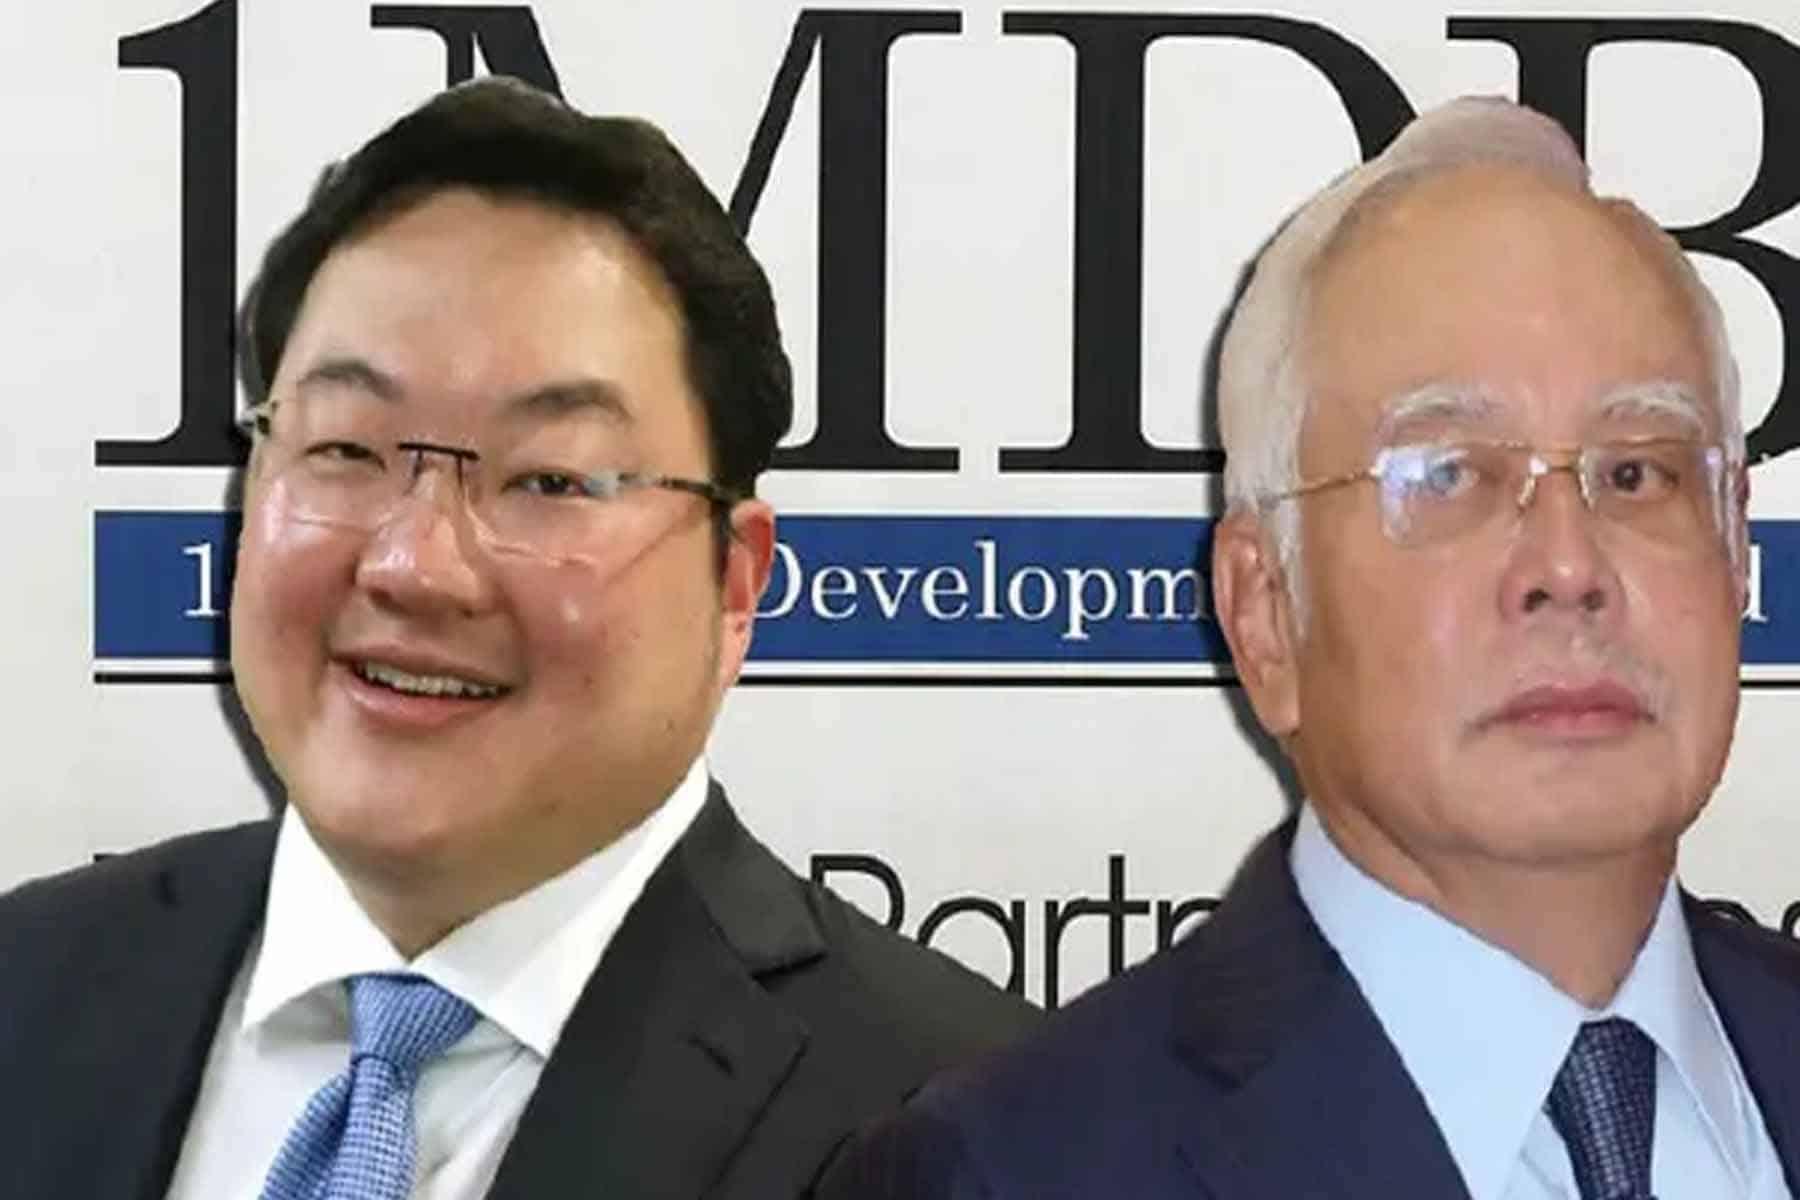 Hot!!! Mesyuarat 1MDB dengan Jho Low dibuat di rumah beliau – Saksi